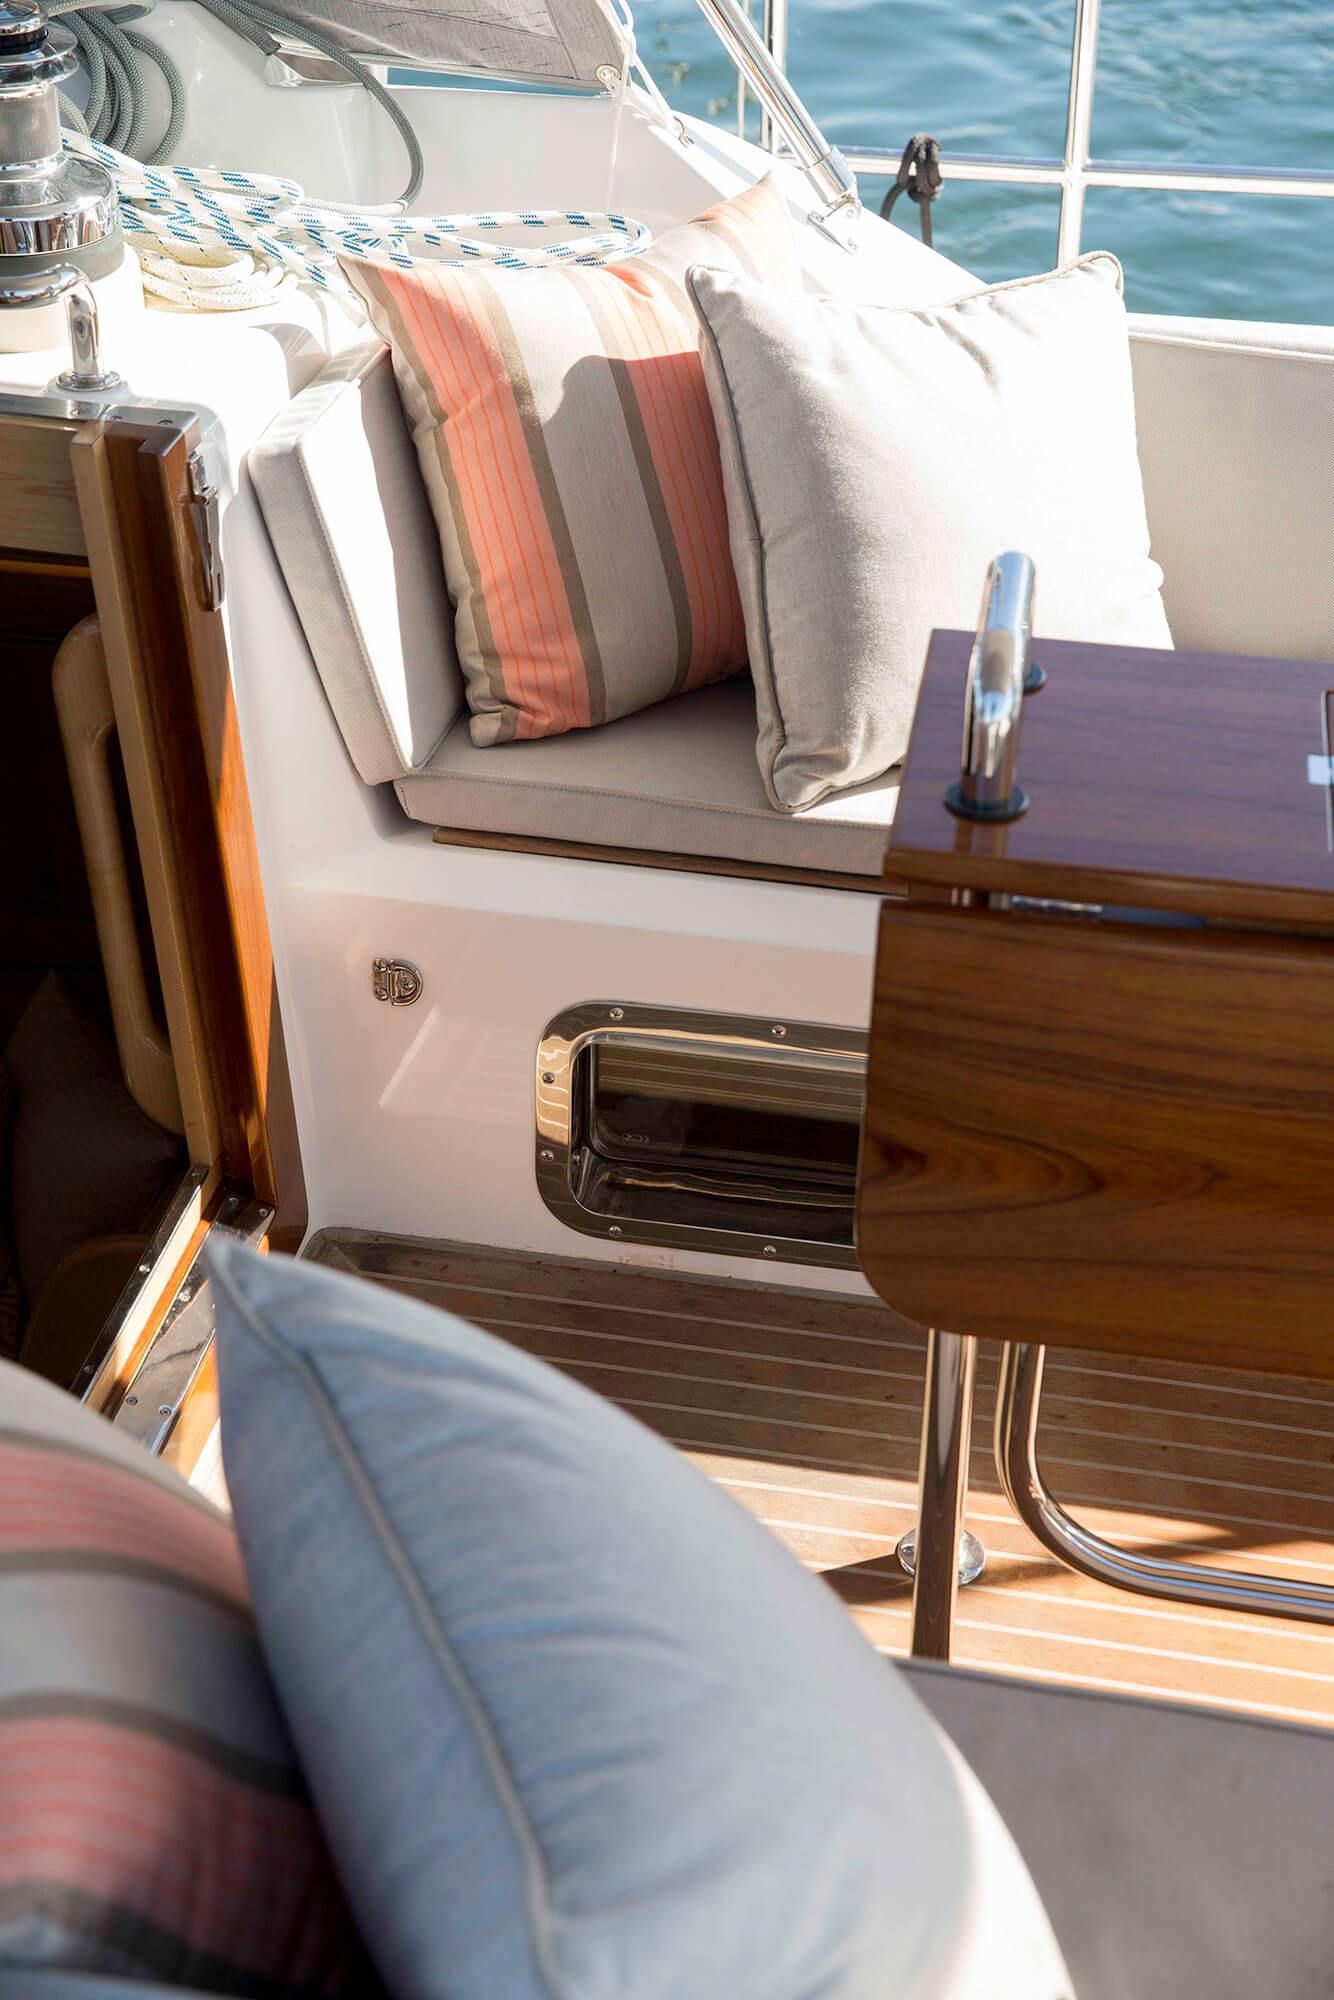 甲板船座上,Sunbrella 织物制成的粉褐条纷抱枕